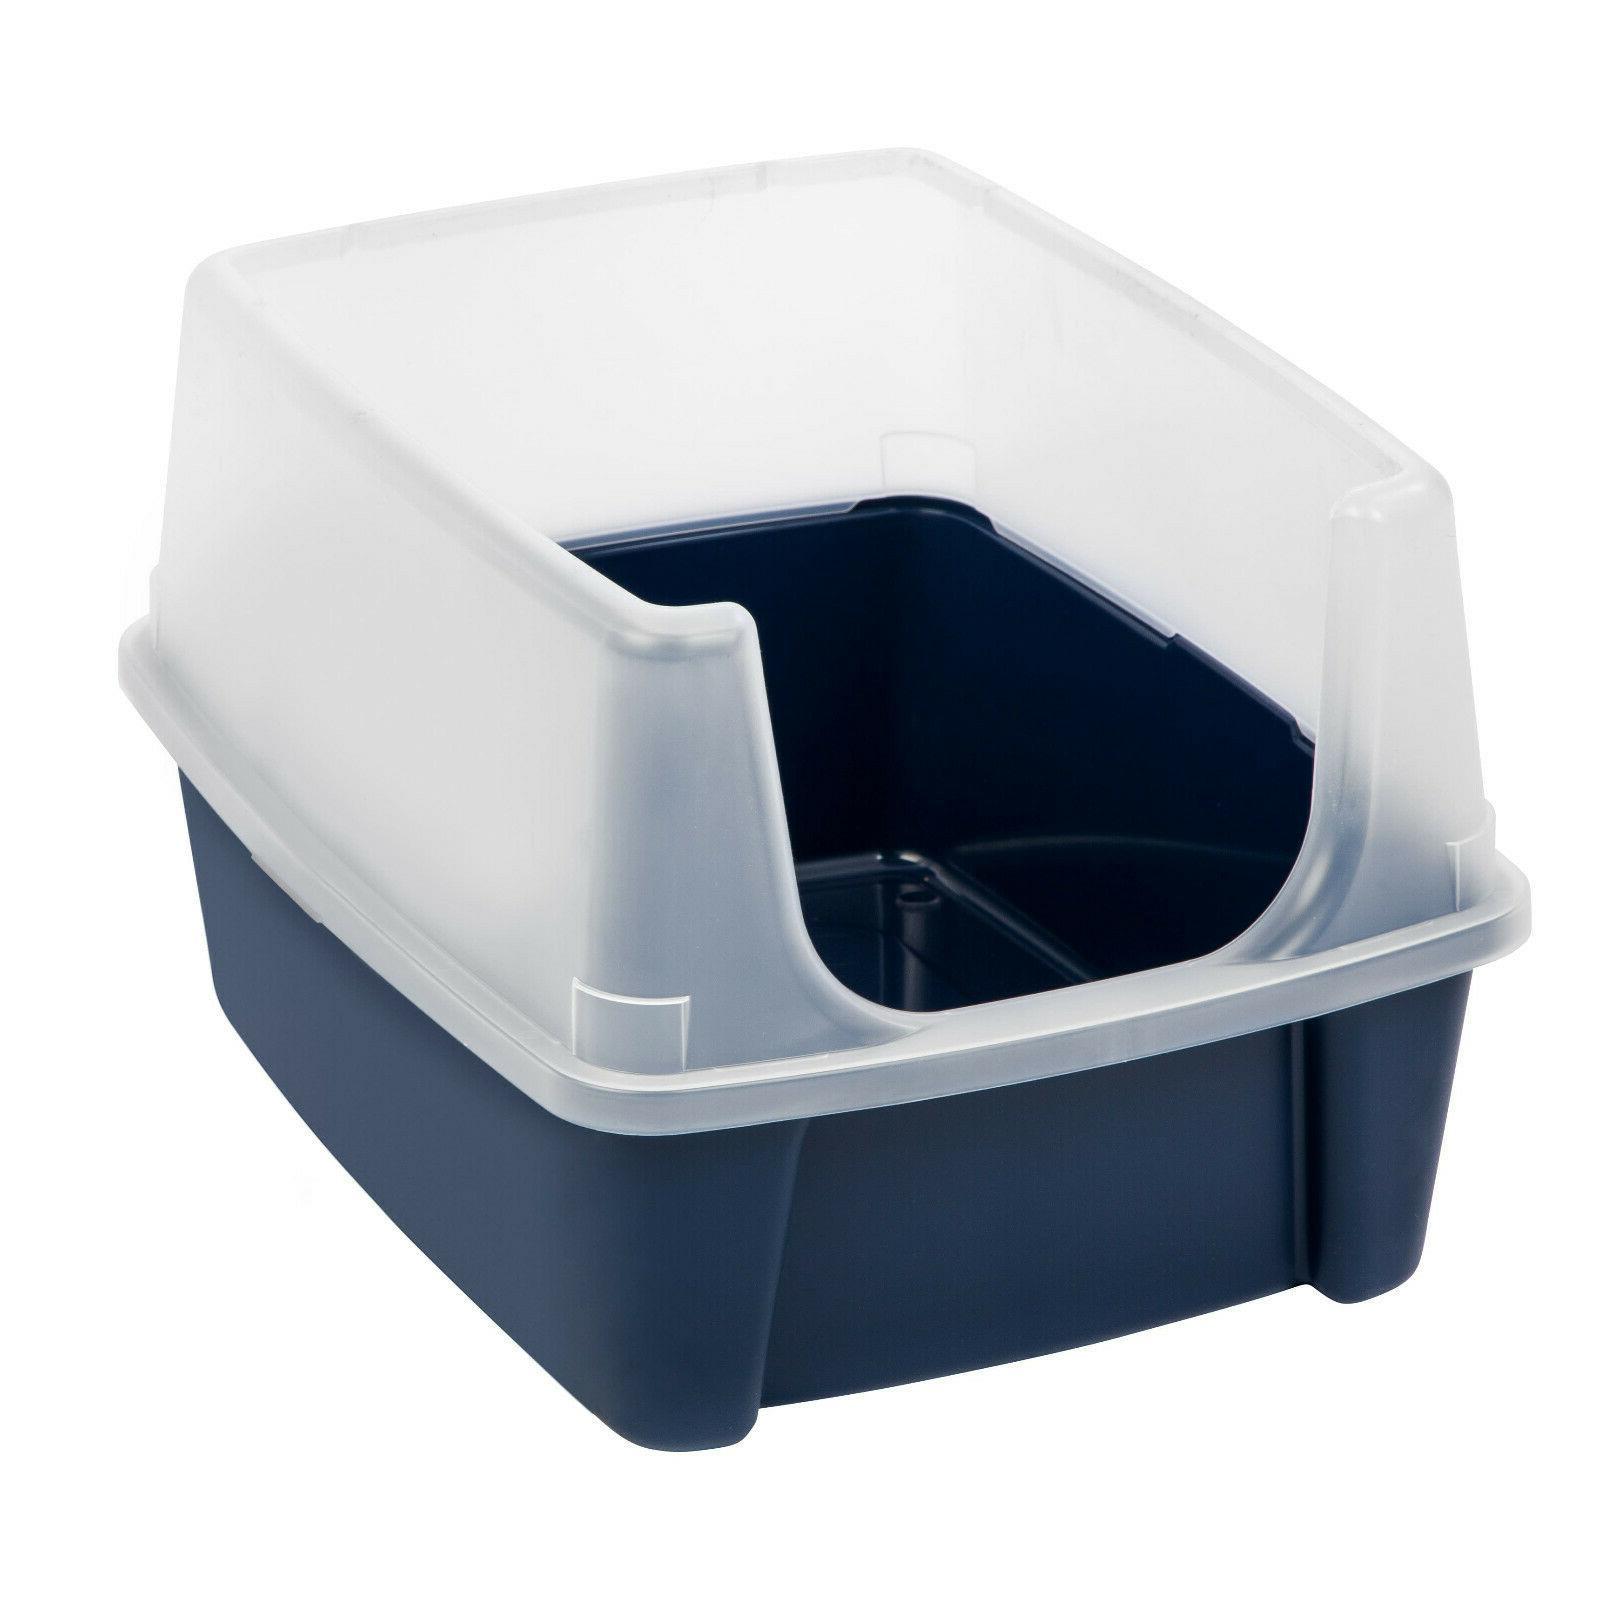 usa open top cat litter box